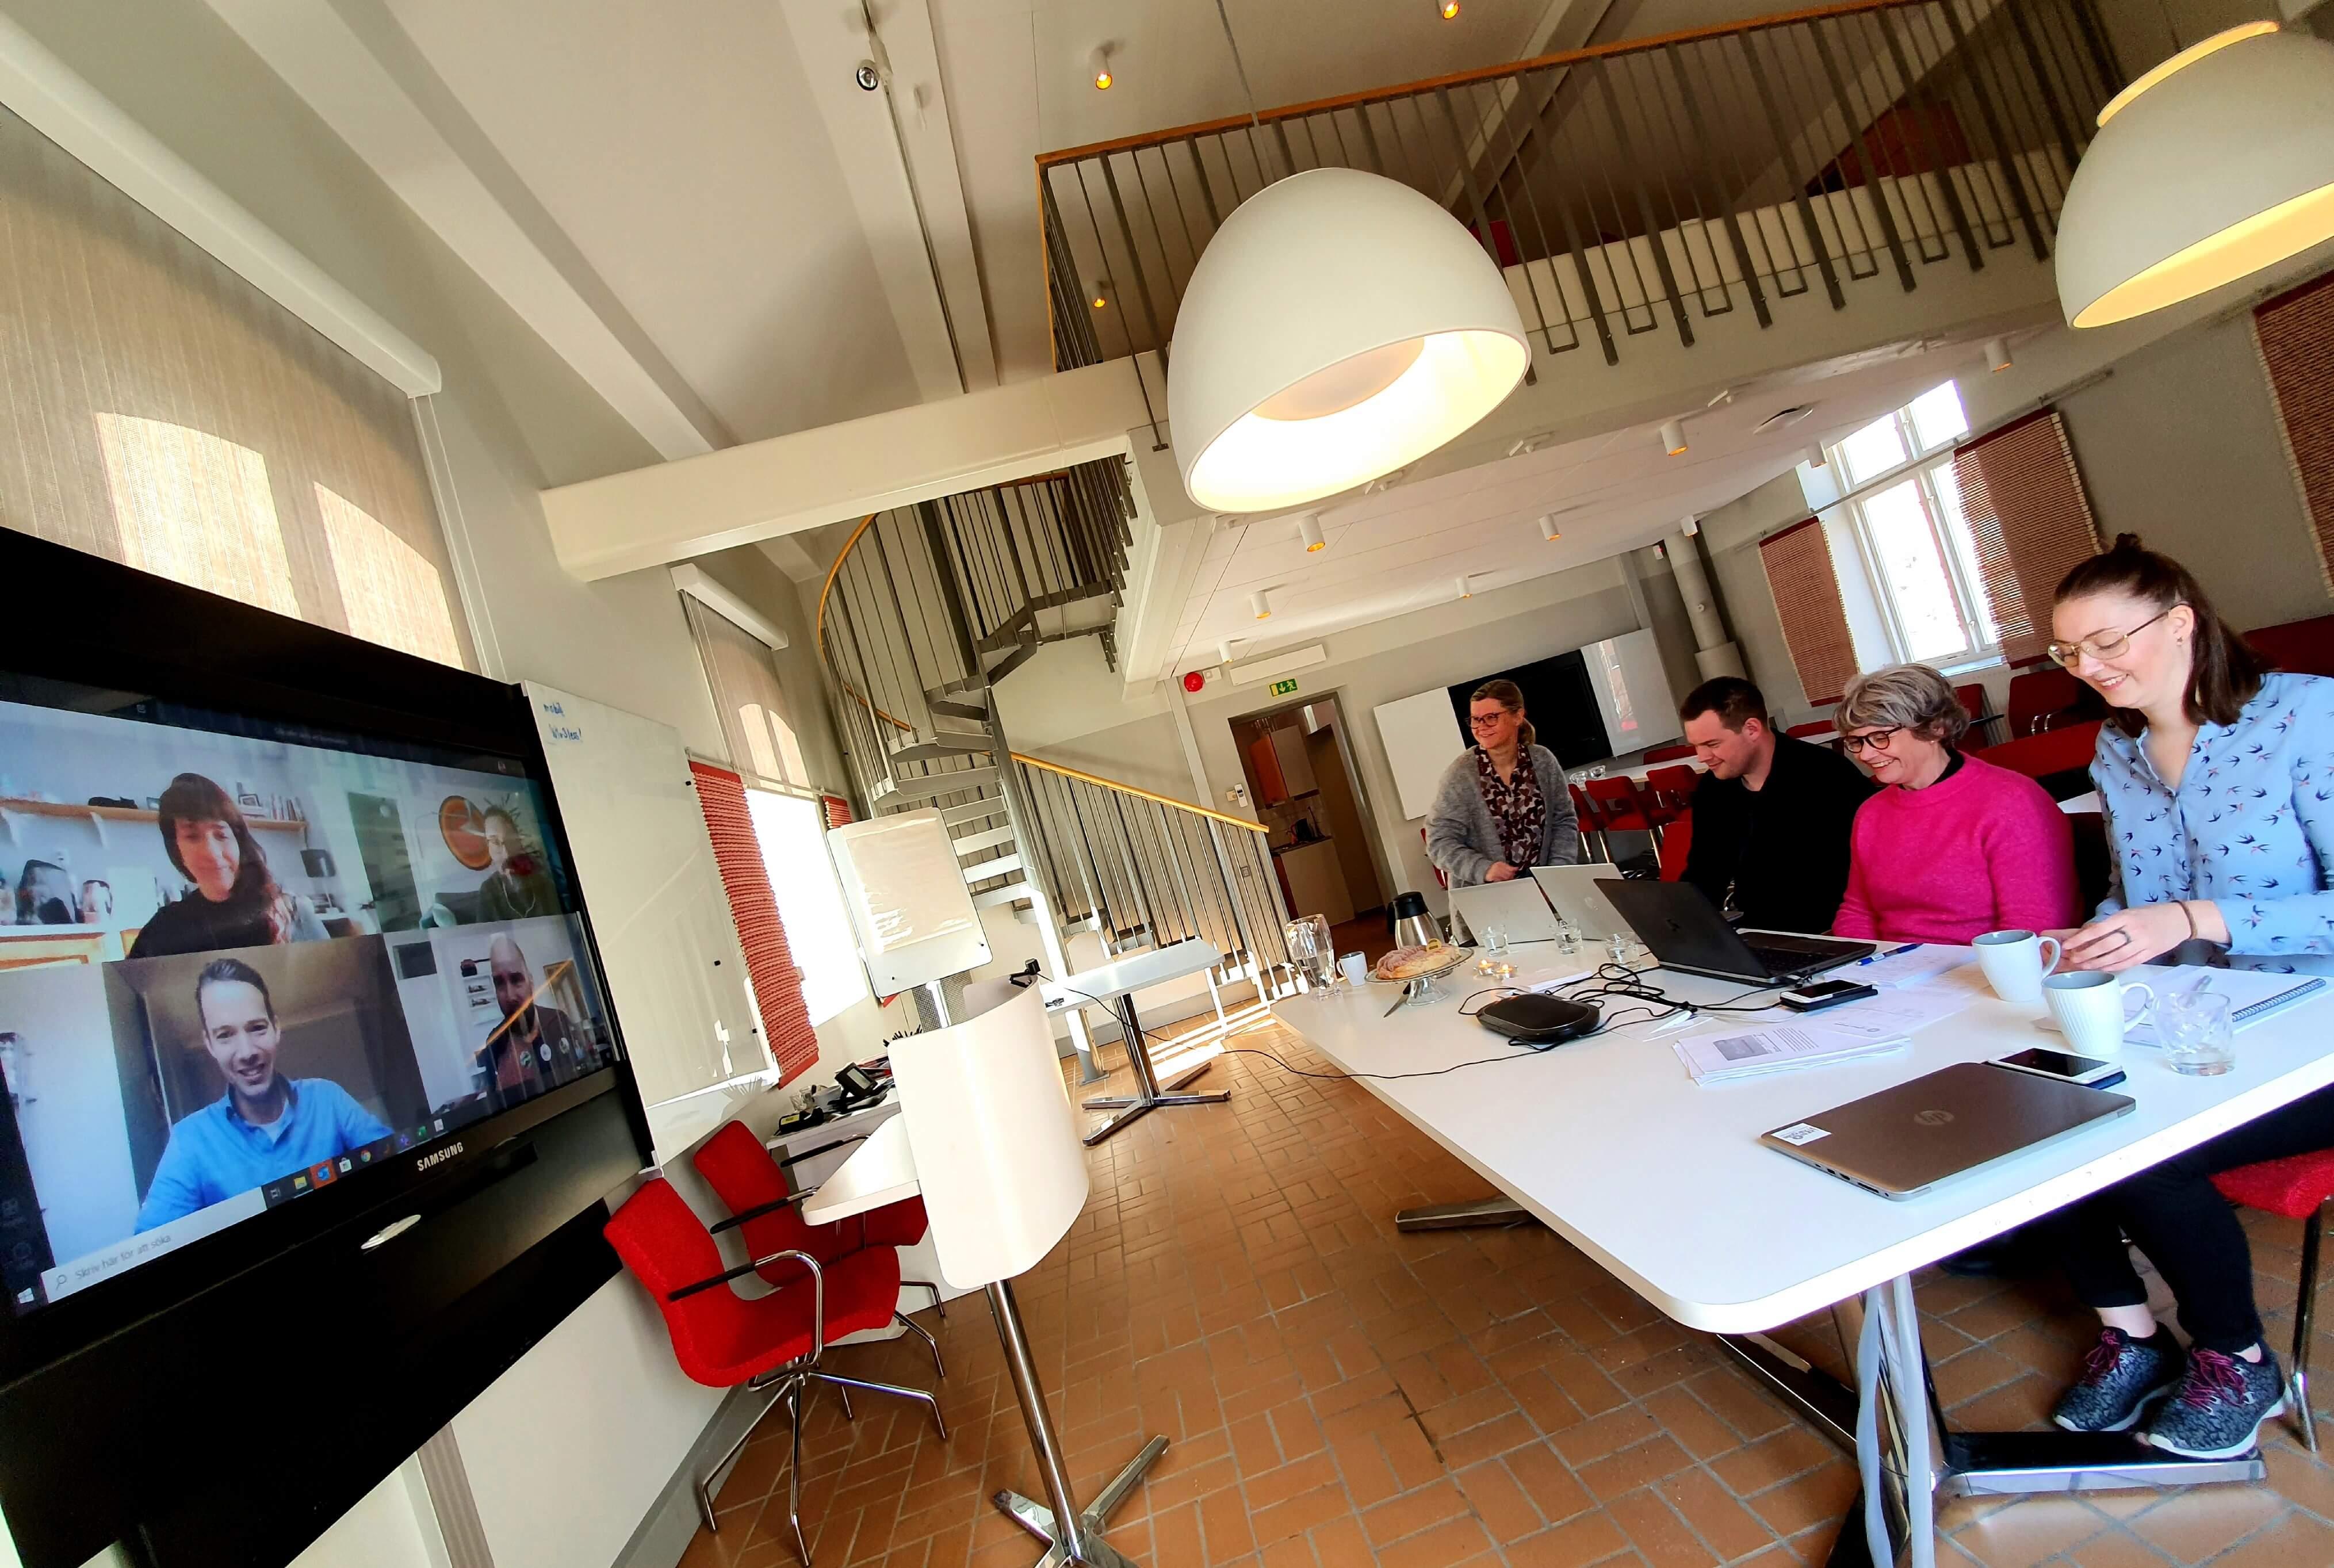 Konceptmötet sköts digitalt från Pumphuset